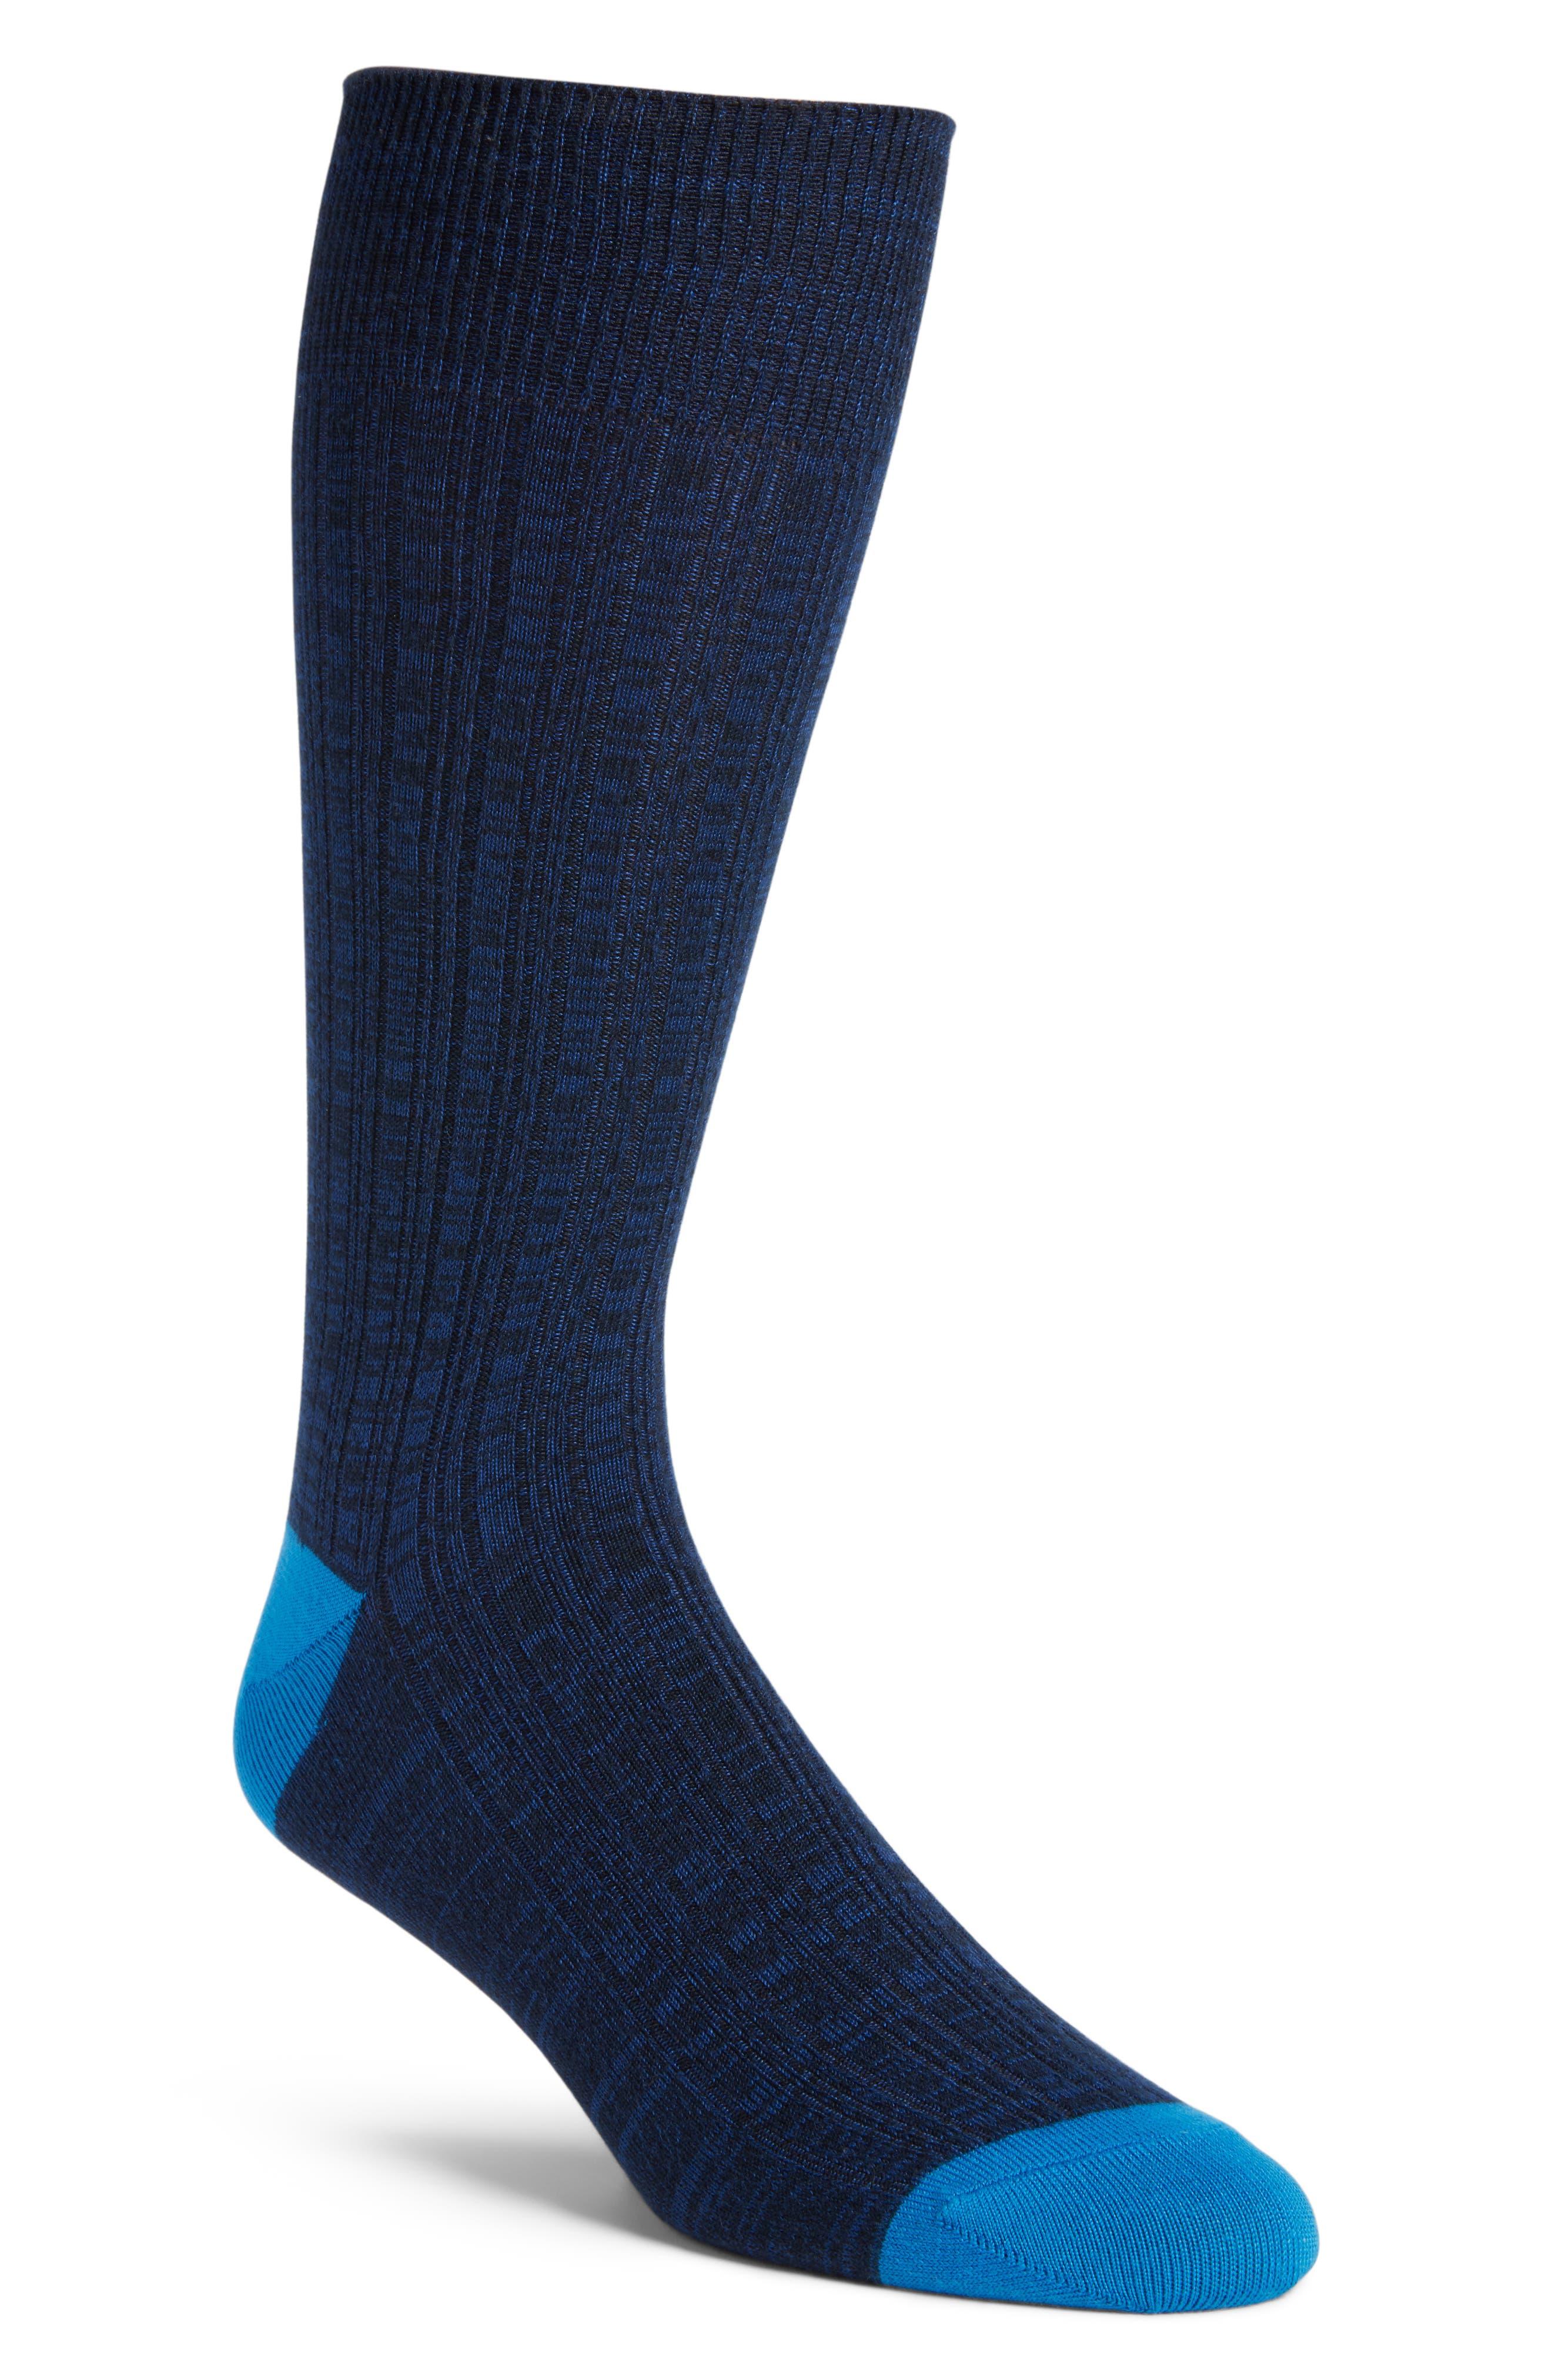 Variegated Ribbed Ultrasoft Socks,                         Main,                         color, NAVY MARL